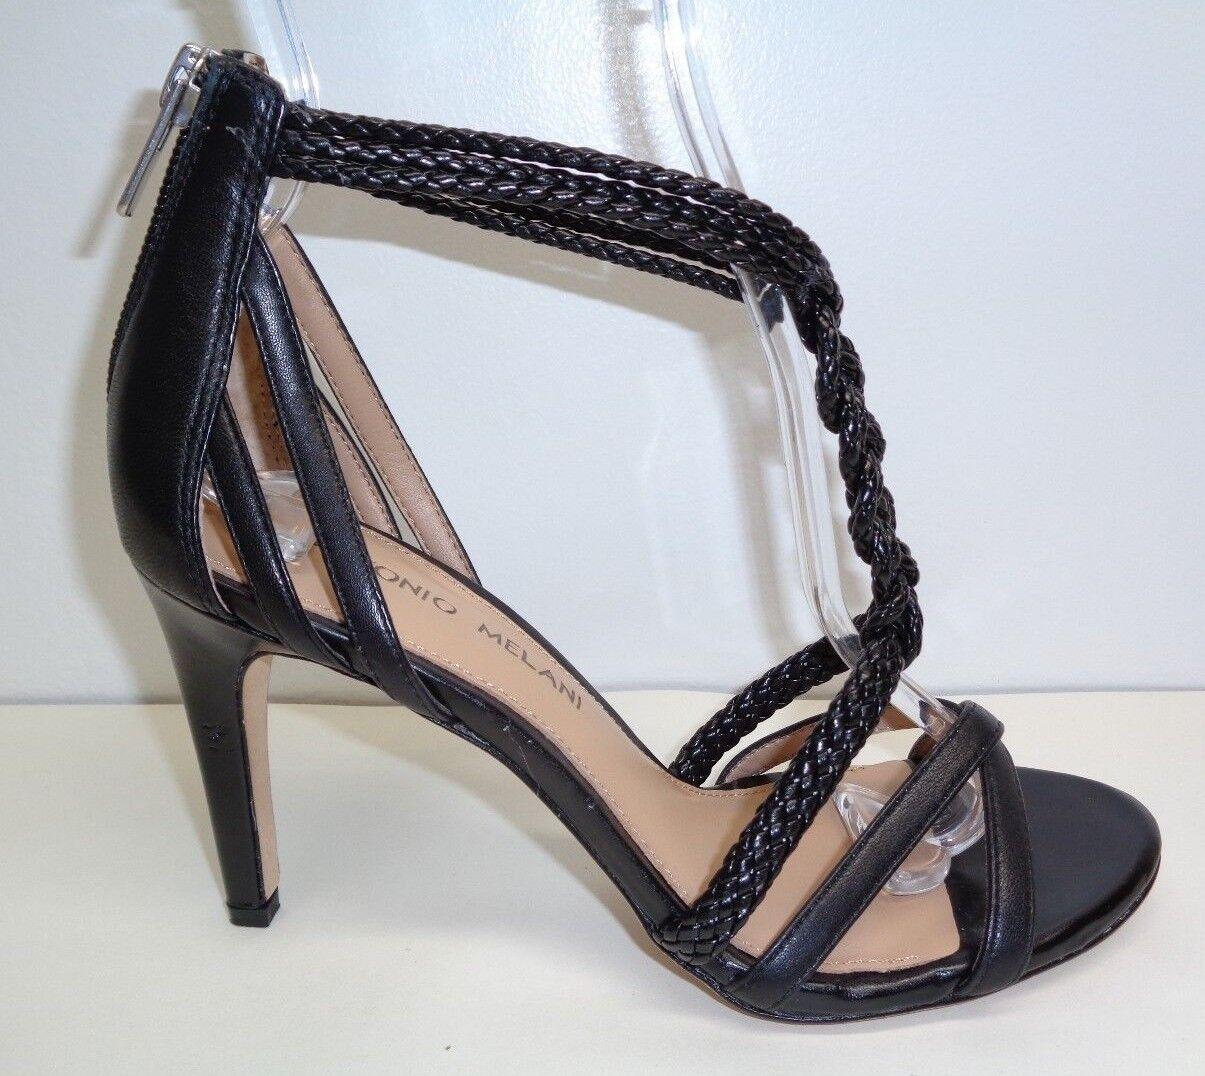 Antonio Melani tamaño 9.5 M questa Negro Cuero Cuero Cuero Trenzado Sandalias nuevo Zapatos para mujer 481564